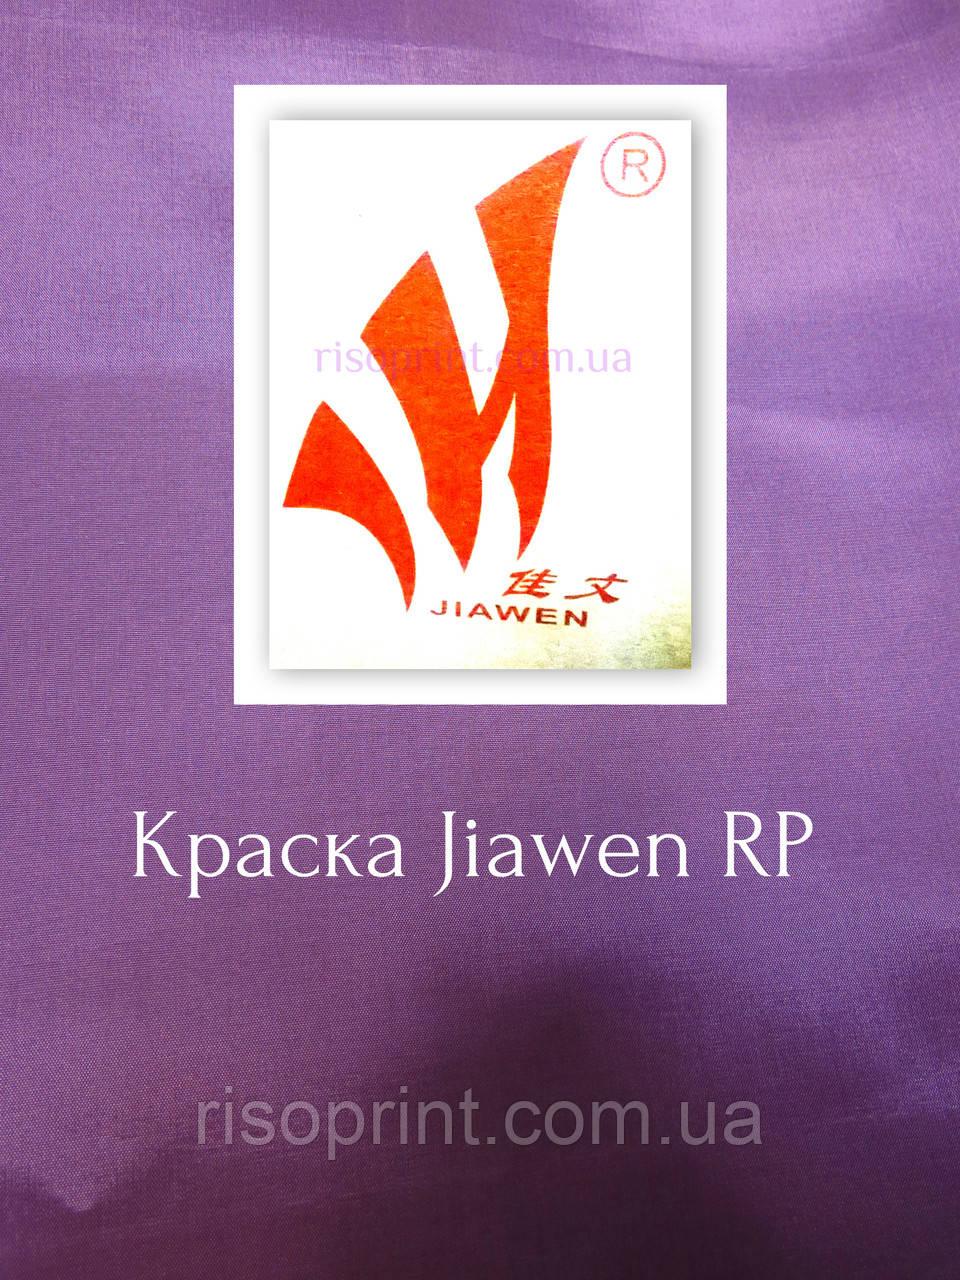 Краска  лицензионная для ризографа Riso Jiawen RP  - ФЛ-П Шатный Г. А. в Харькове